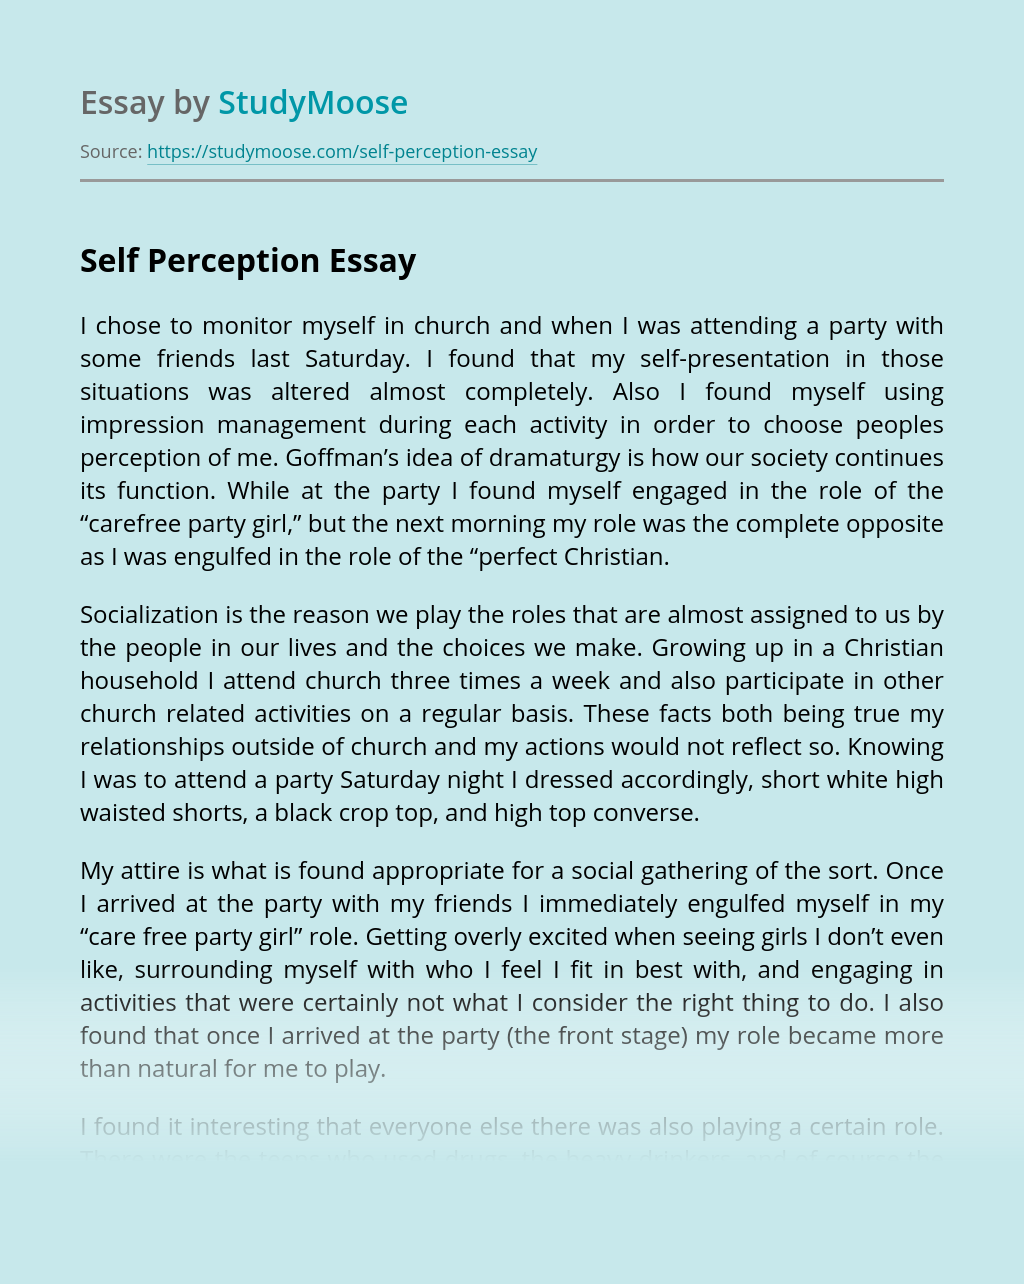 Self-Perception Essay | blogger.com